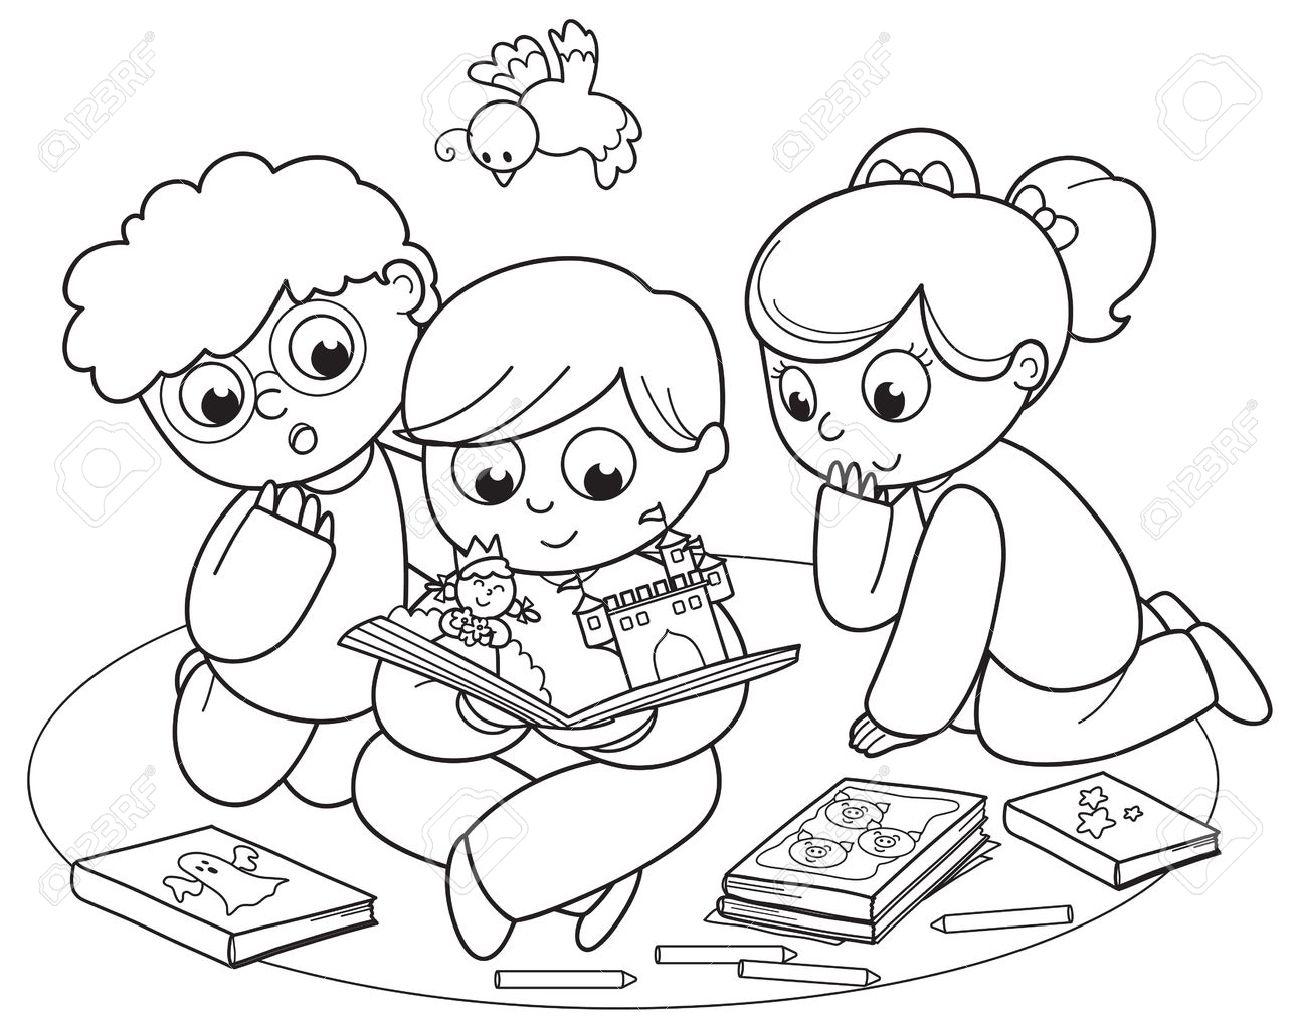 Ilustración Para Colorear De Amigos Que Leen Un Libro Pop Up Junto